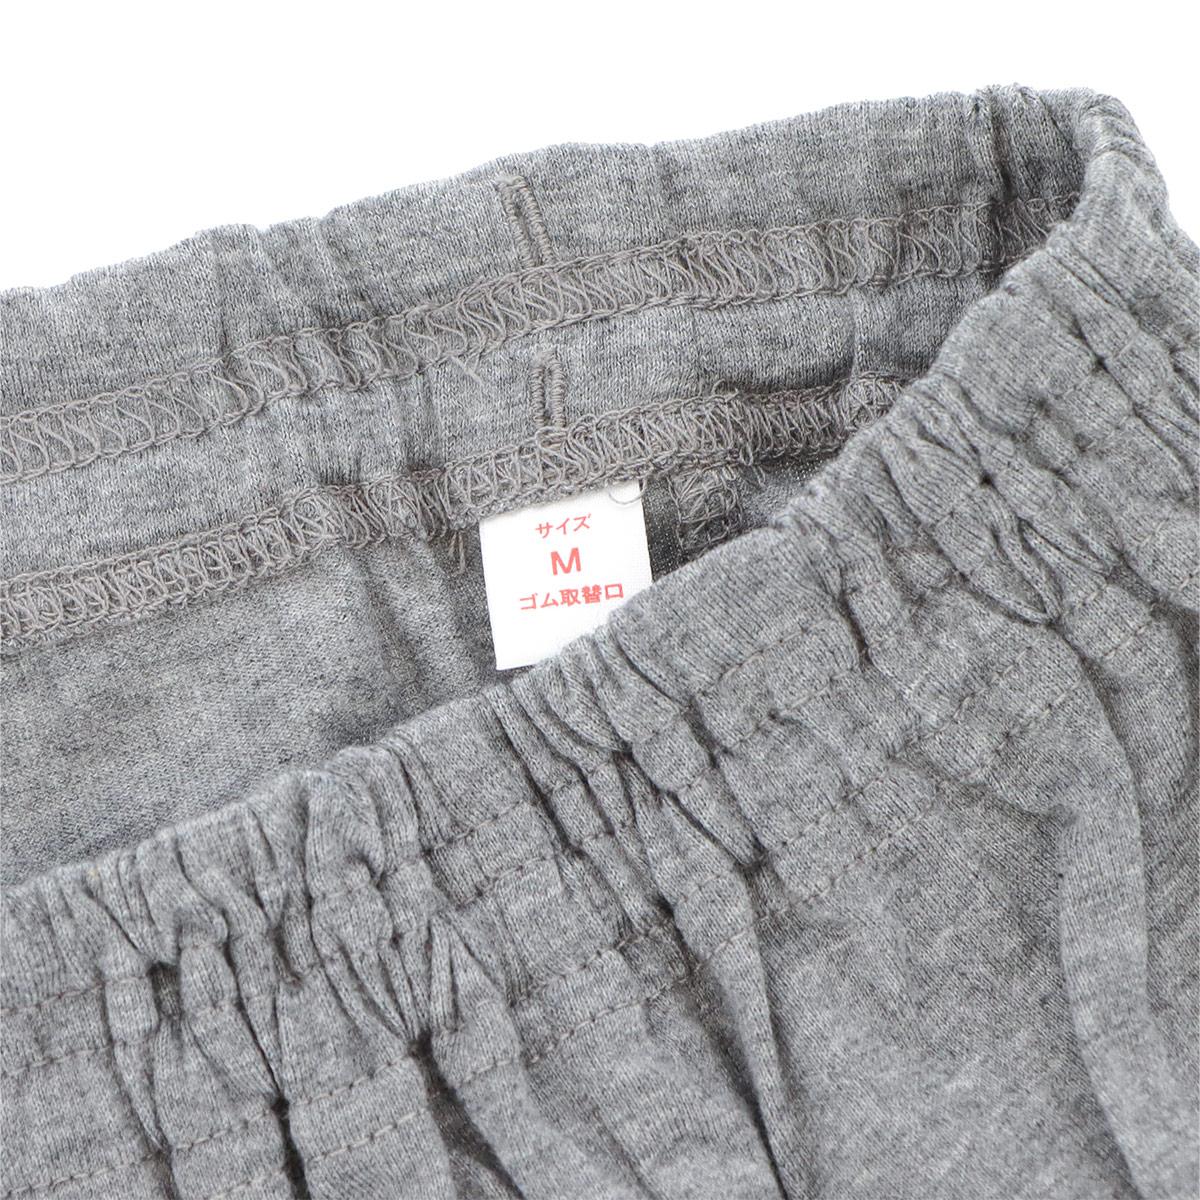 LANVIN COLLECTION ランバン コレクション レディース パジャマ コットン100% フロント ボタン 長袖 パンツ Mサイズ 日本製 73045522【ゆうパケットお取り扱い不可】